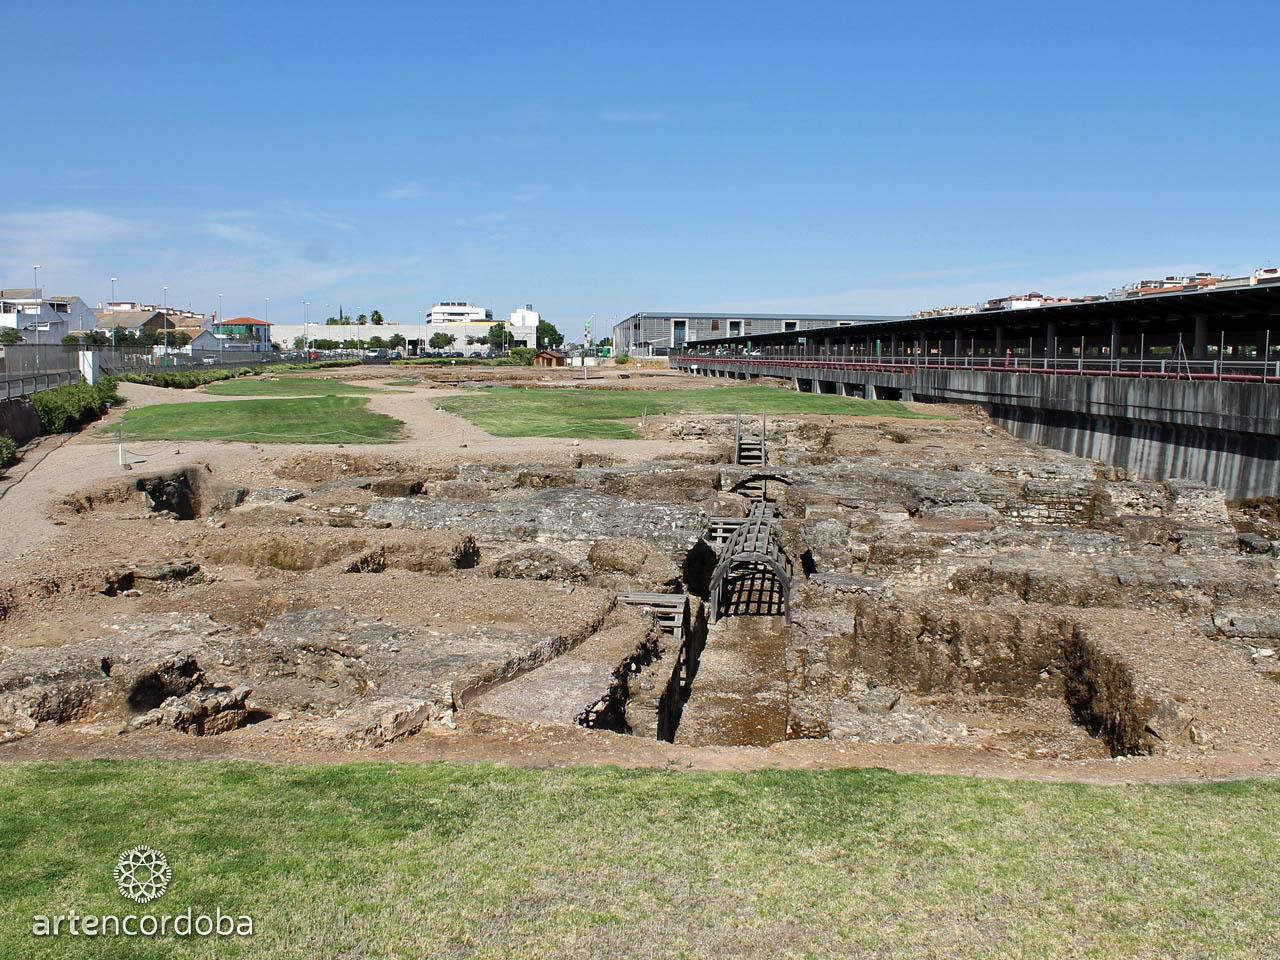 Restos arqueológicos del Palacio de Maximiano Hercúleo en Córdoba